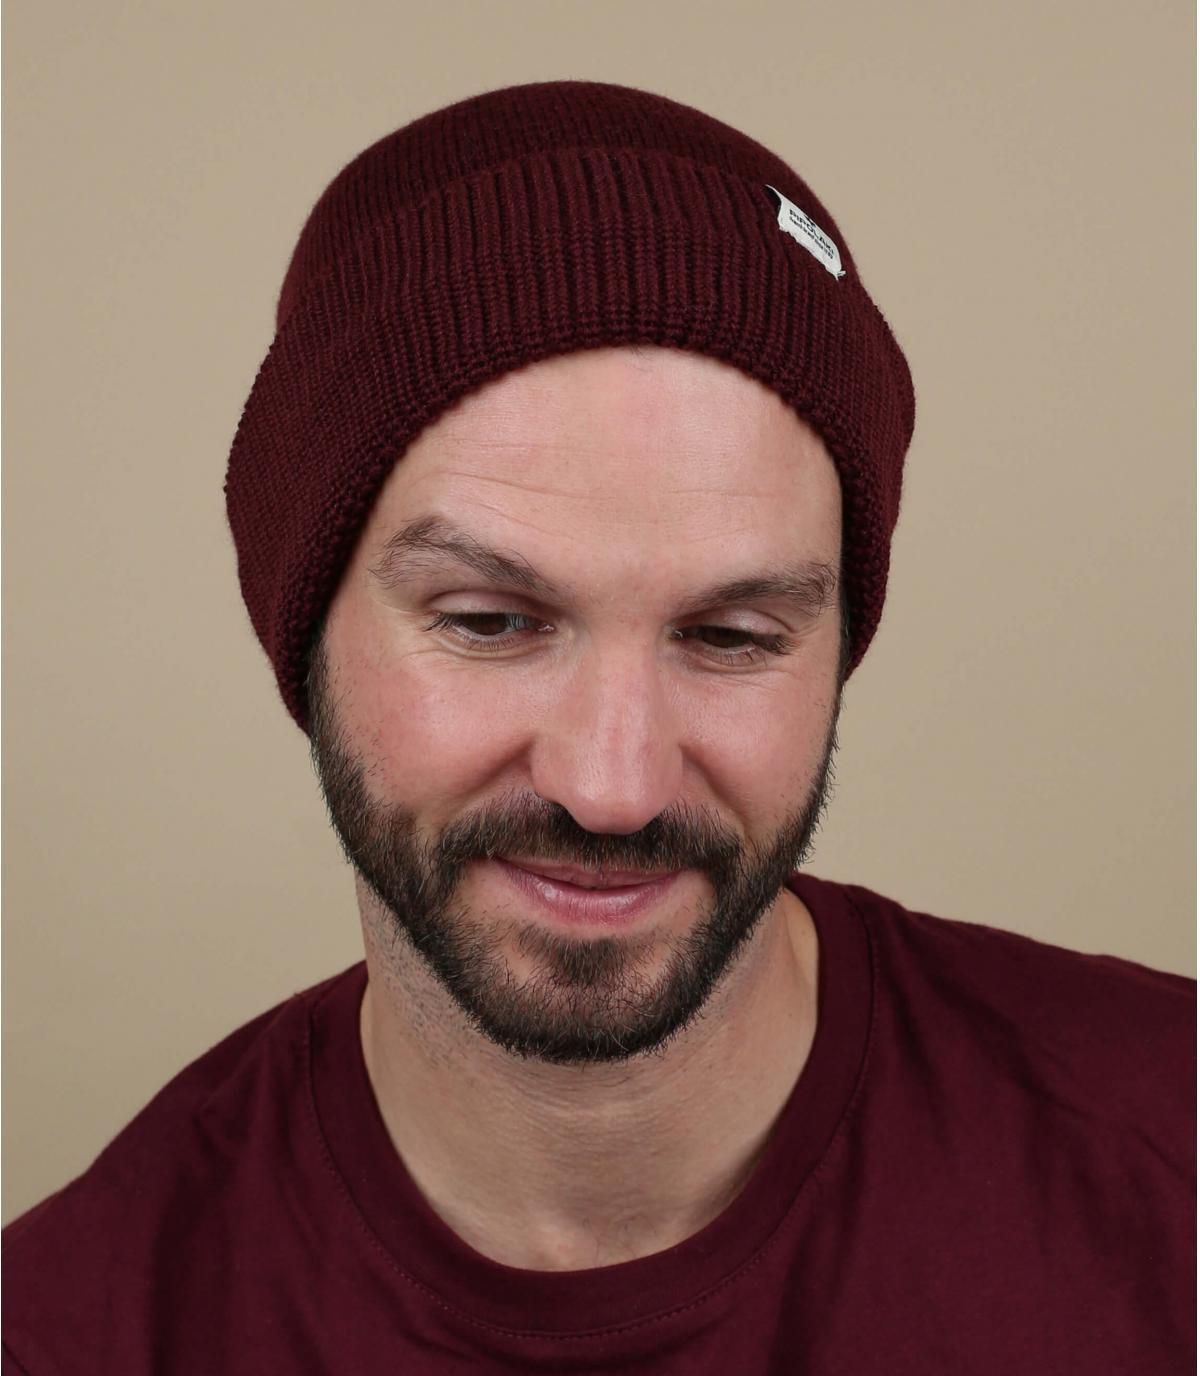 bordeaux bordeauxrode hoed